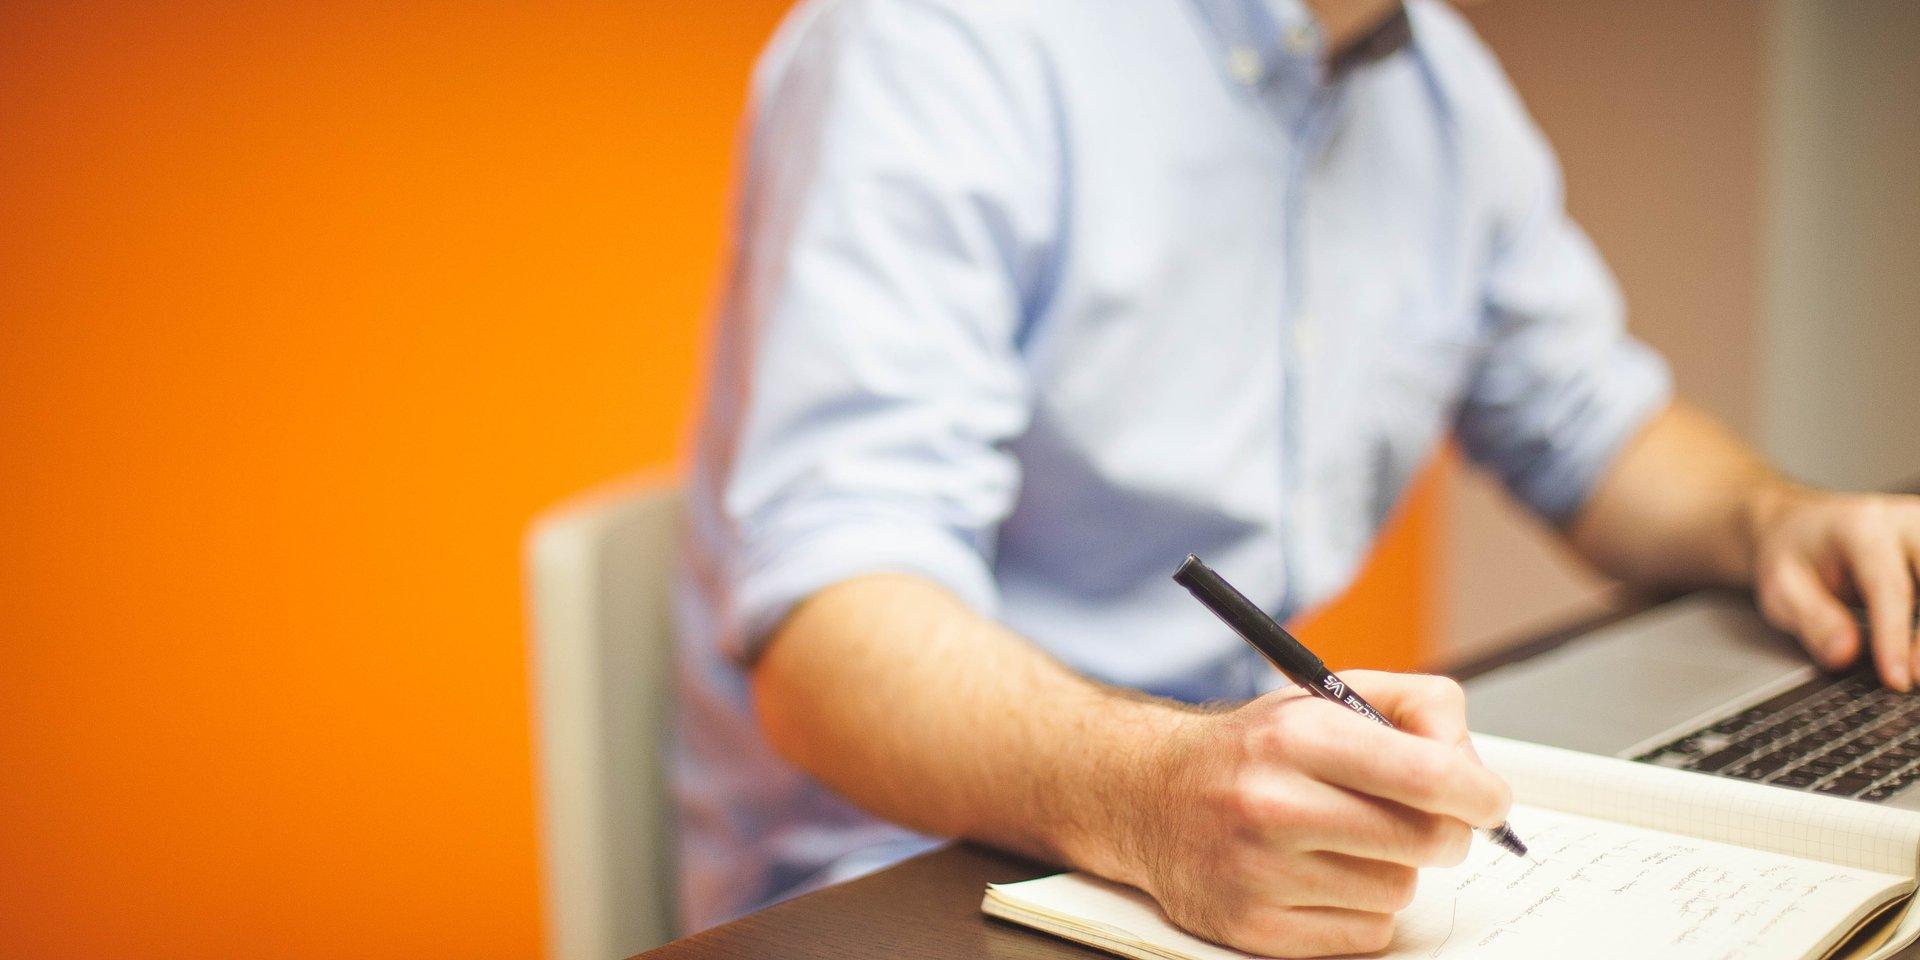 O czym warto pamiętać, pisząc CV? Ekspert radzi.